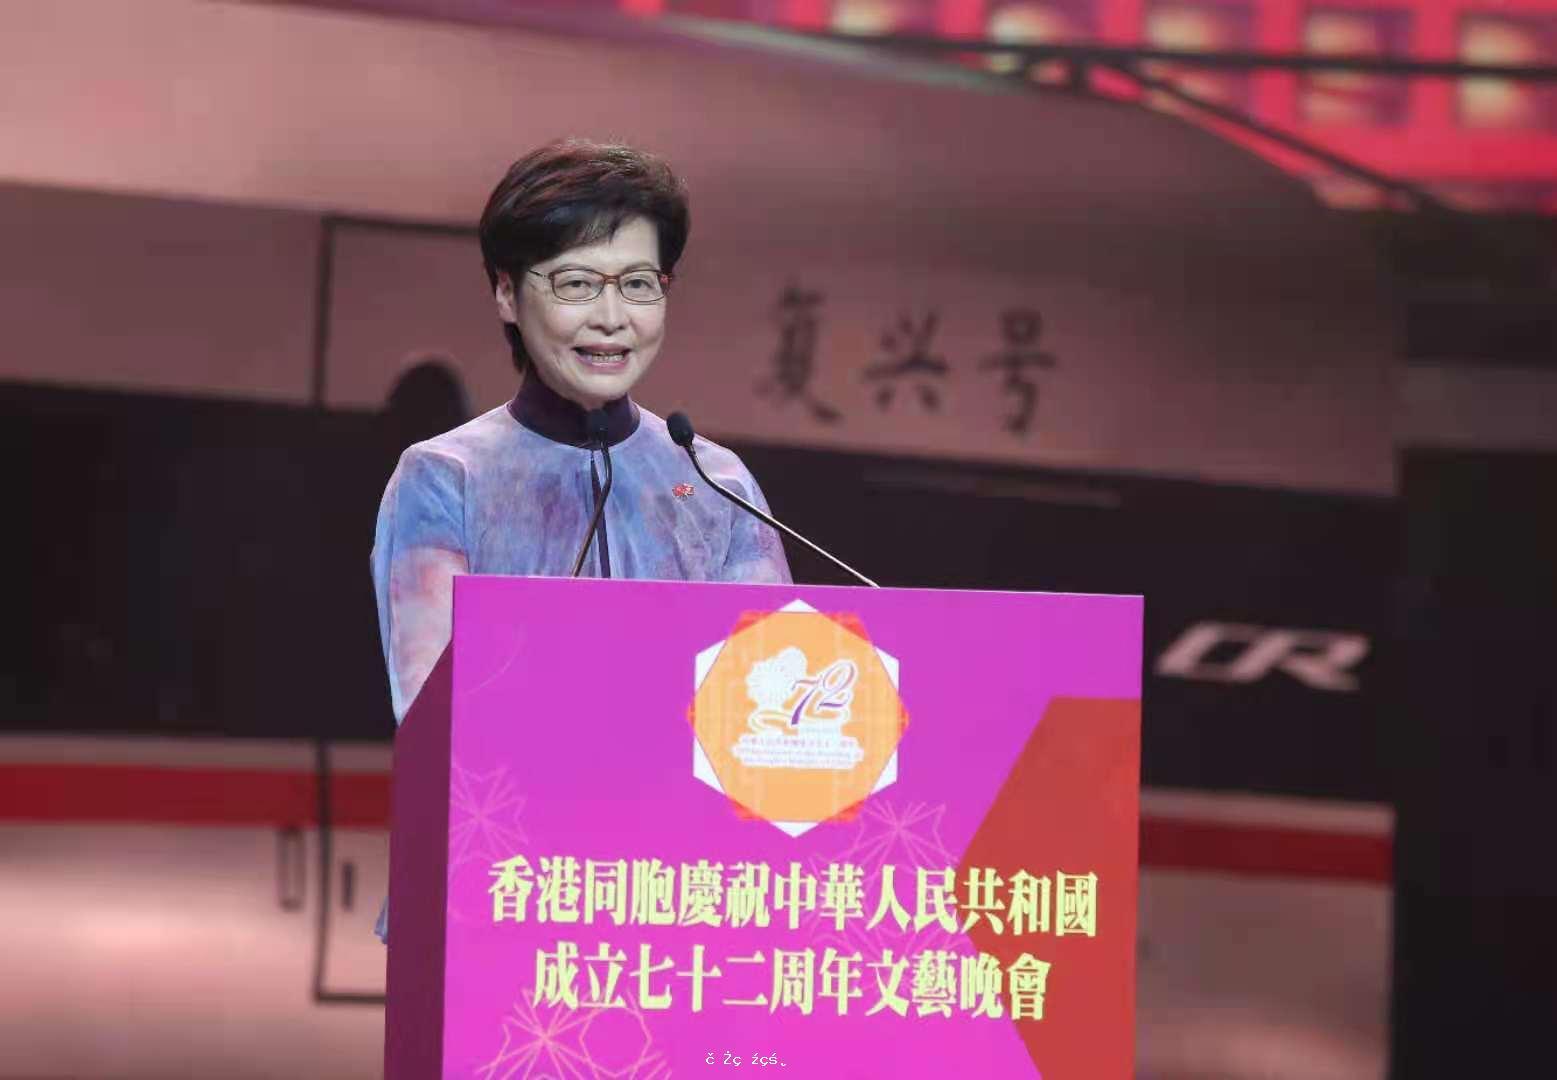 林鄭:須做好愛國教育 增强港人向心力